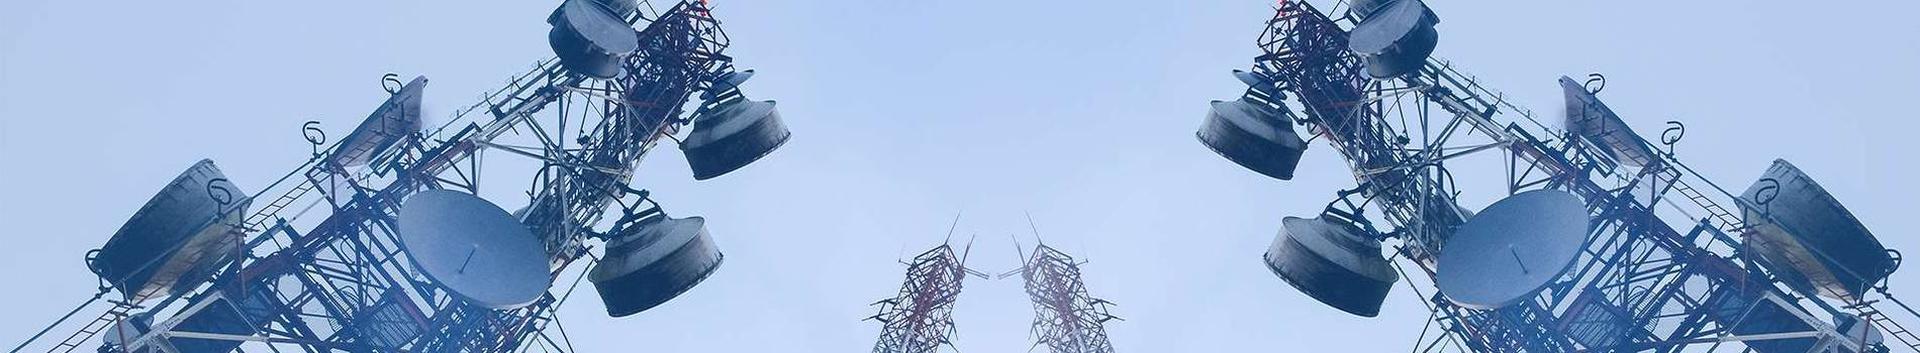 43213_telekommunikatsioonikaablite-paigaldus_39733297_xl.jpg